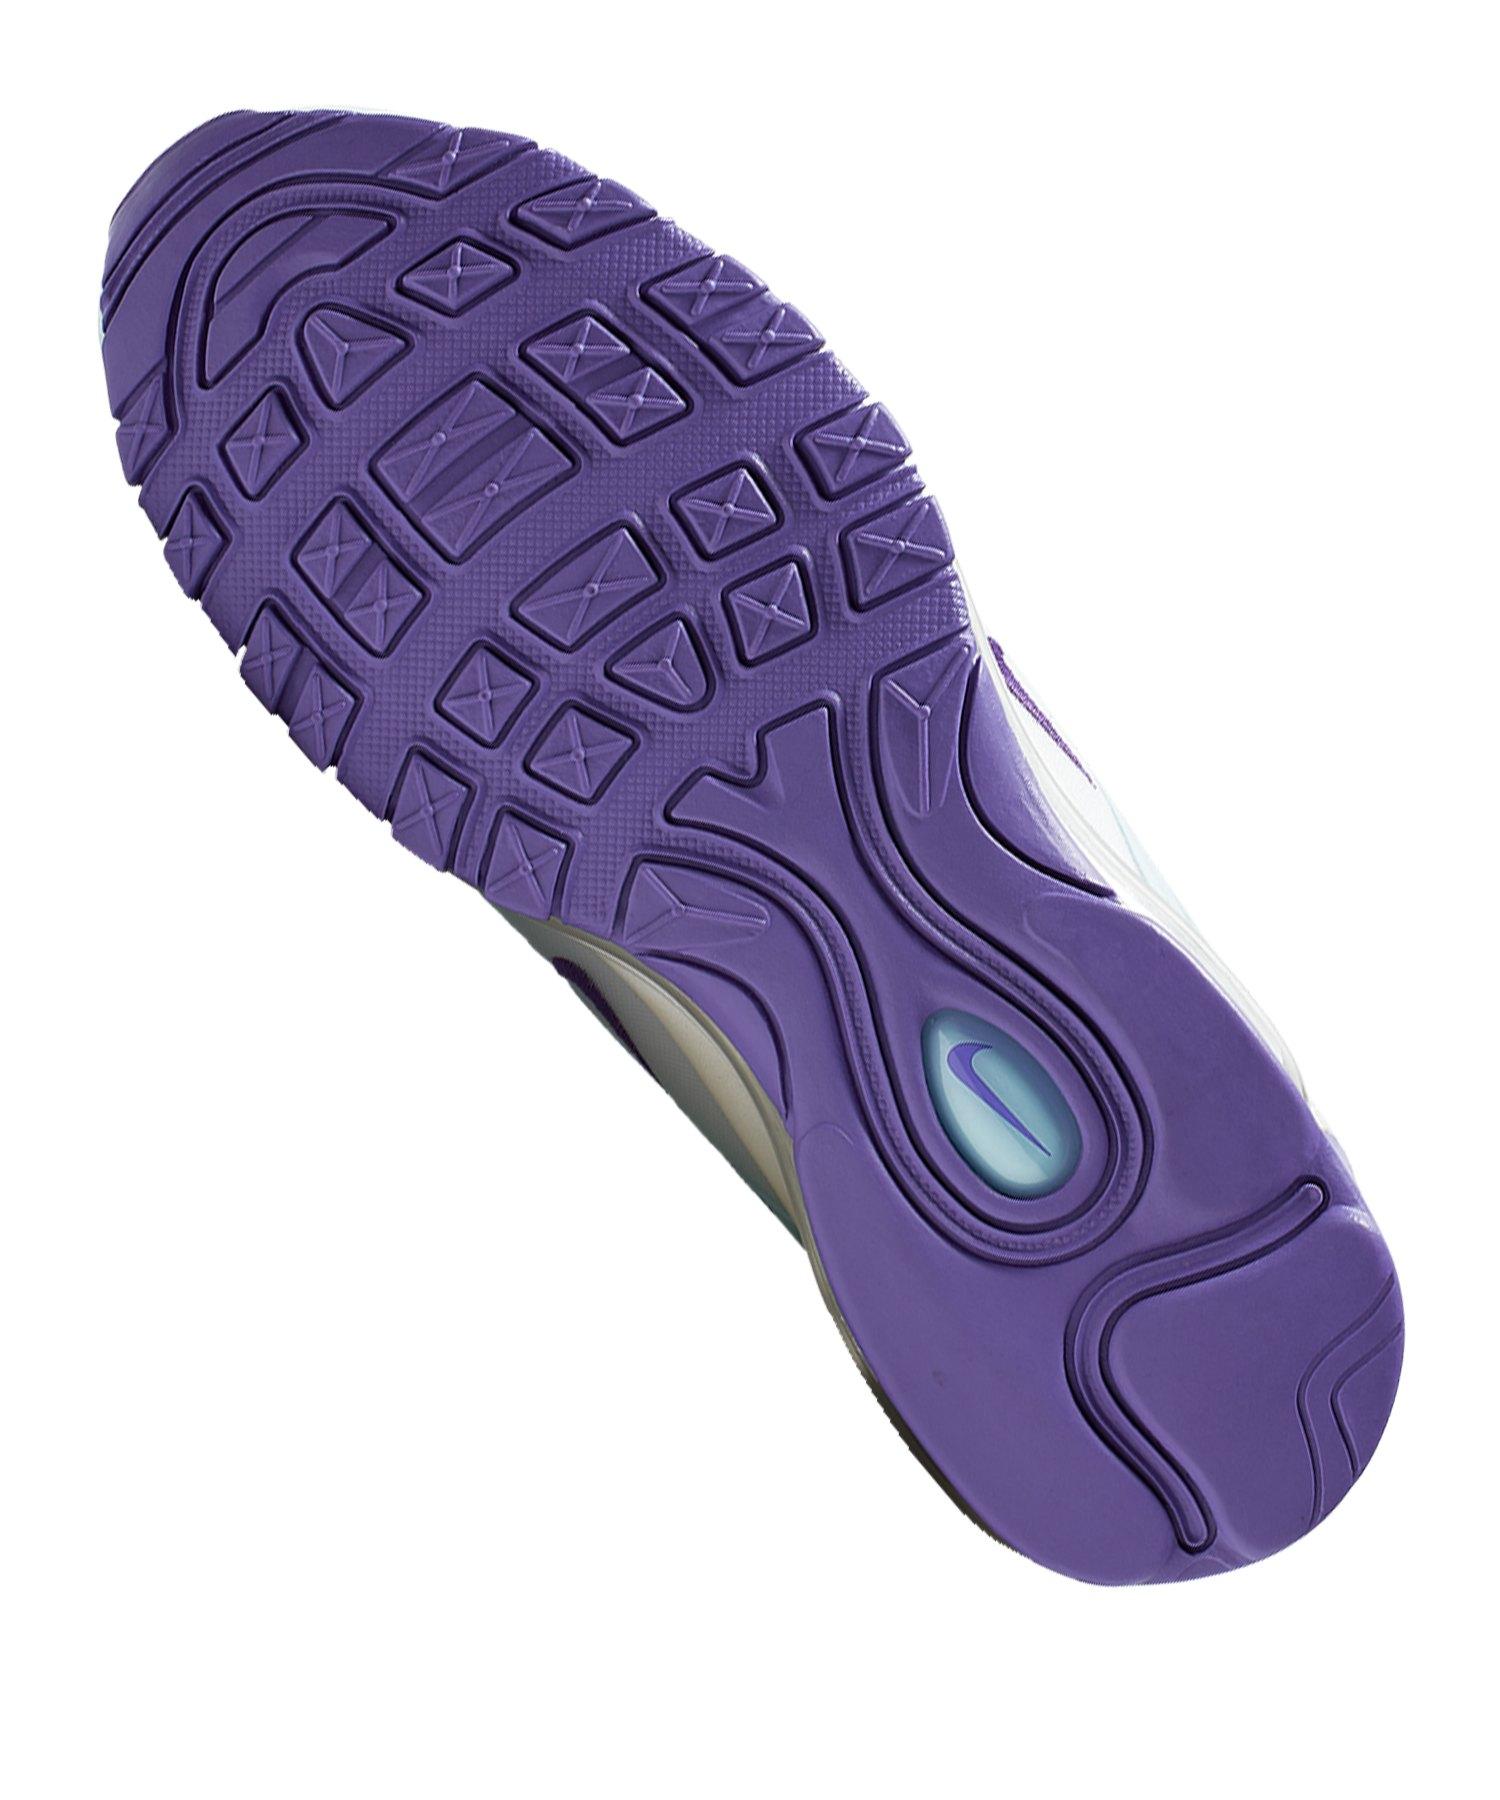 Nike Air Max 97 Sneaker Damen Blau Weiss Lila F303